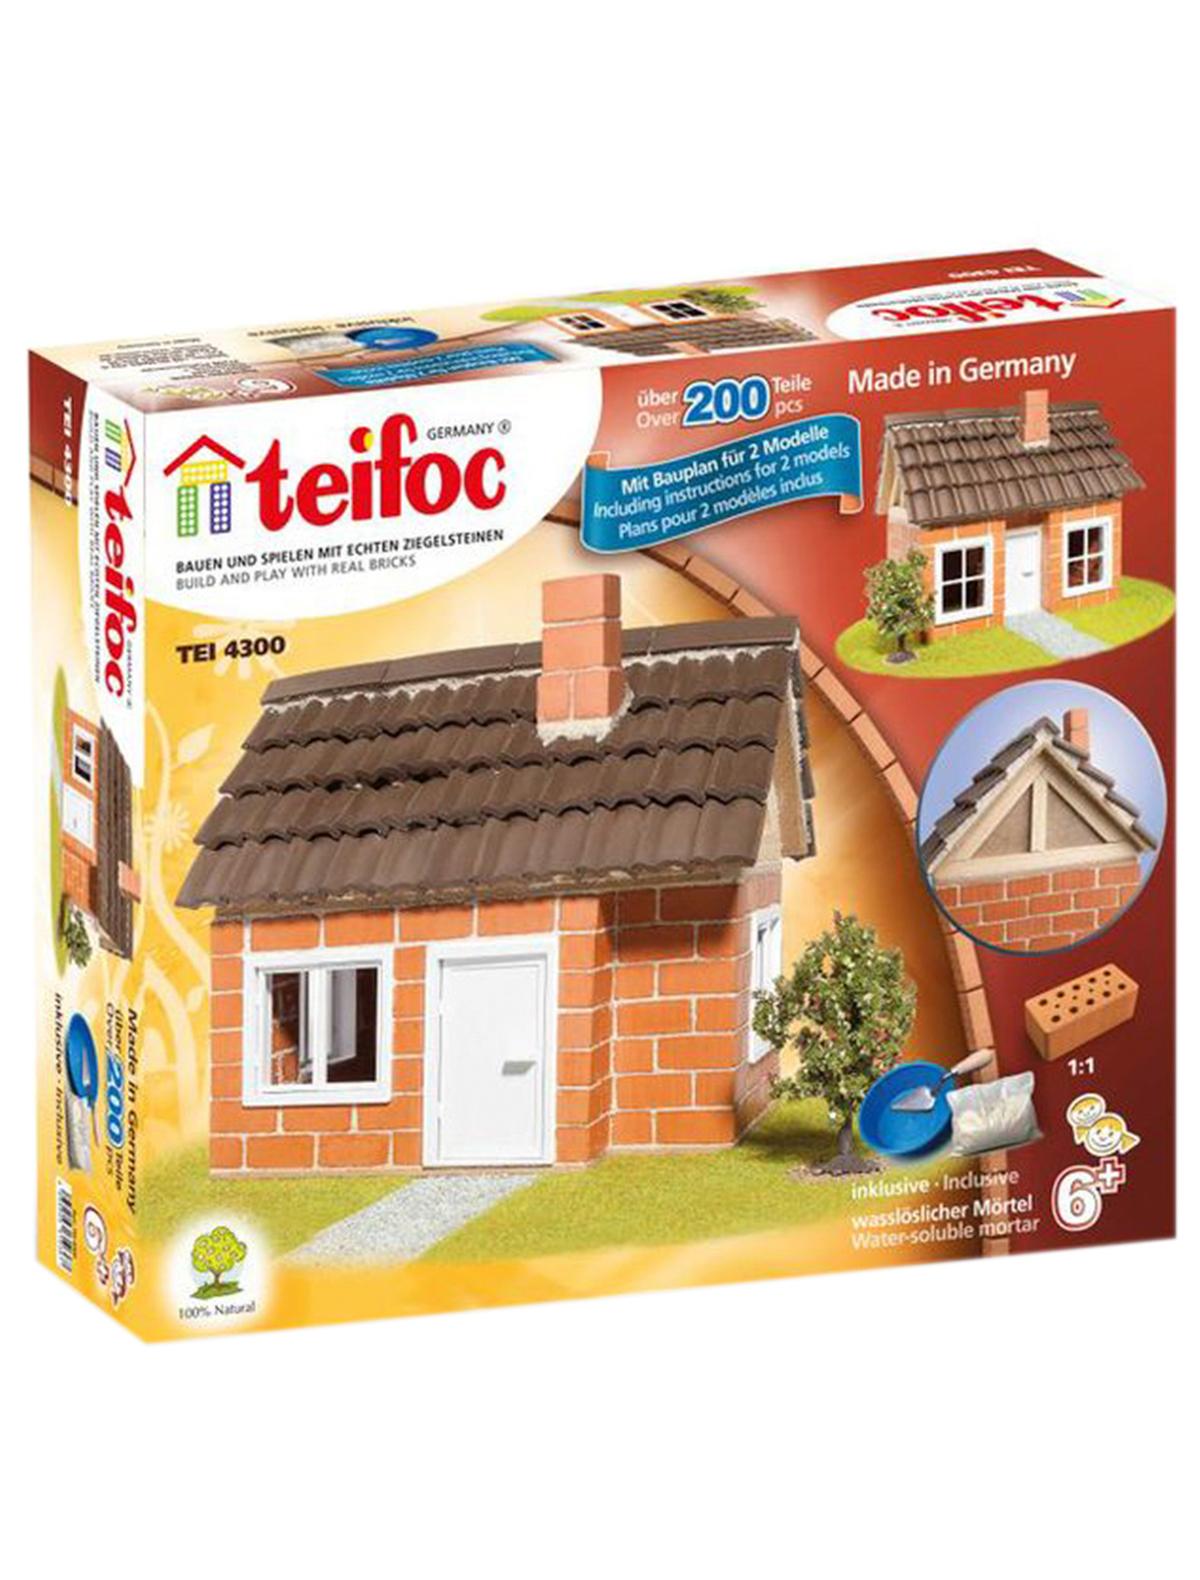 Игрушка TEIFOC 2146487 коричневого цвета